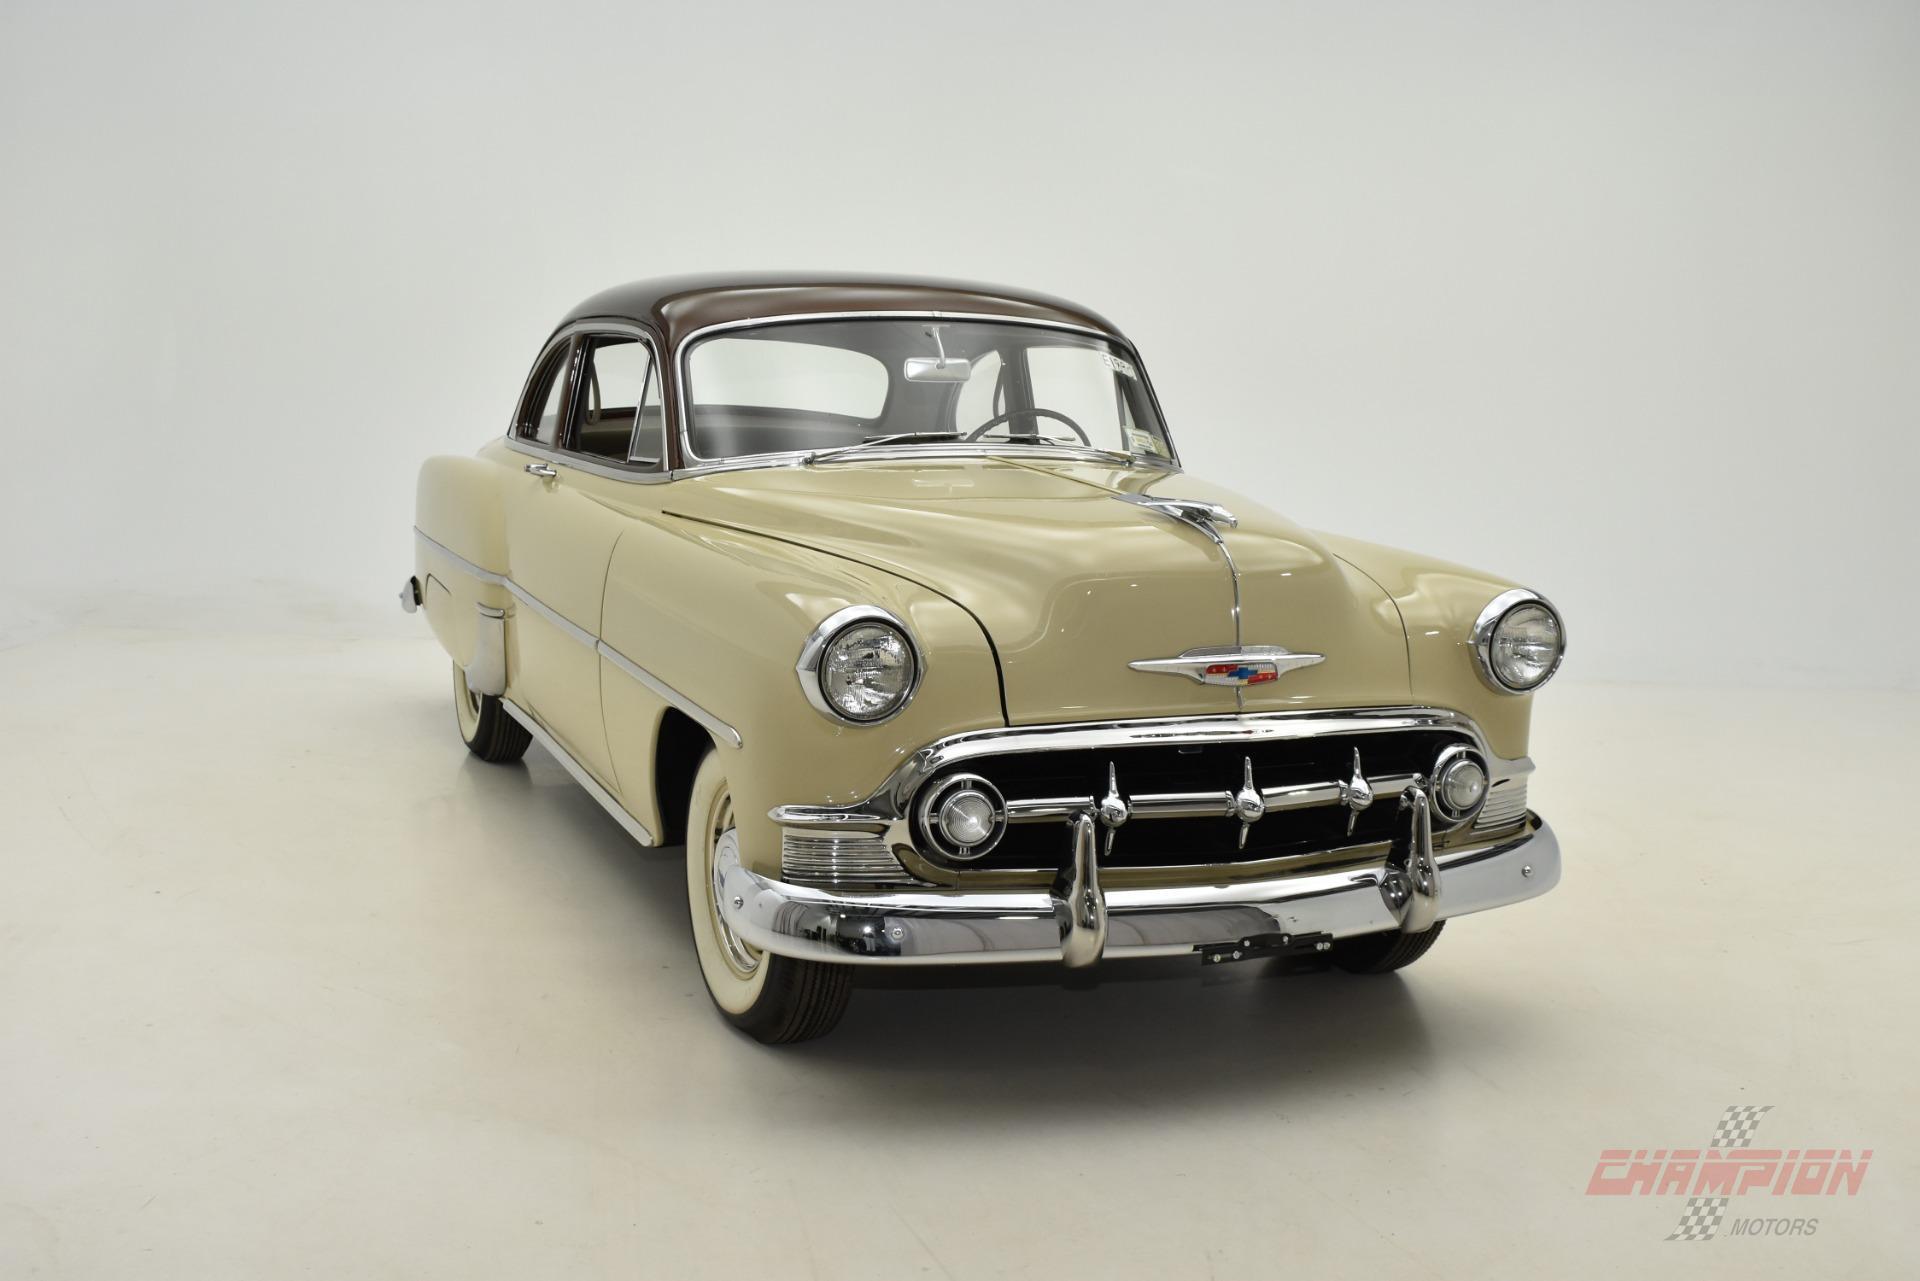 1953 Chevrolet Powerglide Ebay